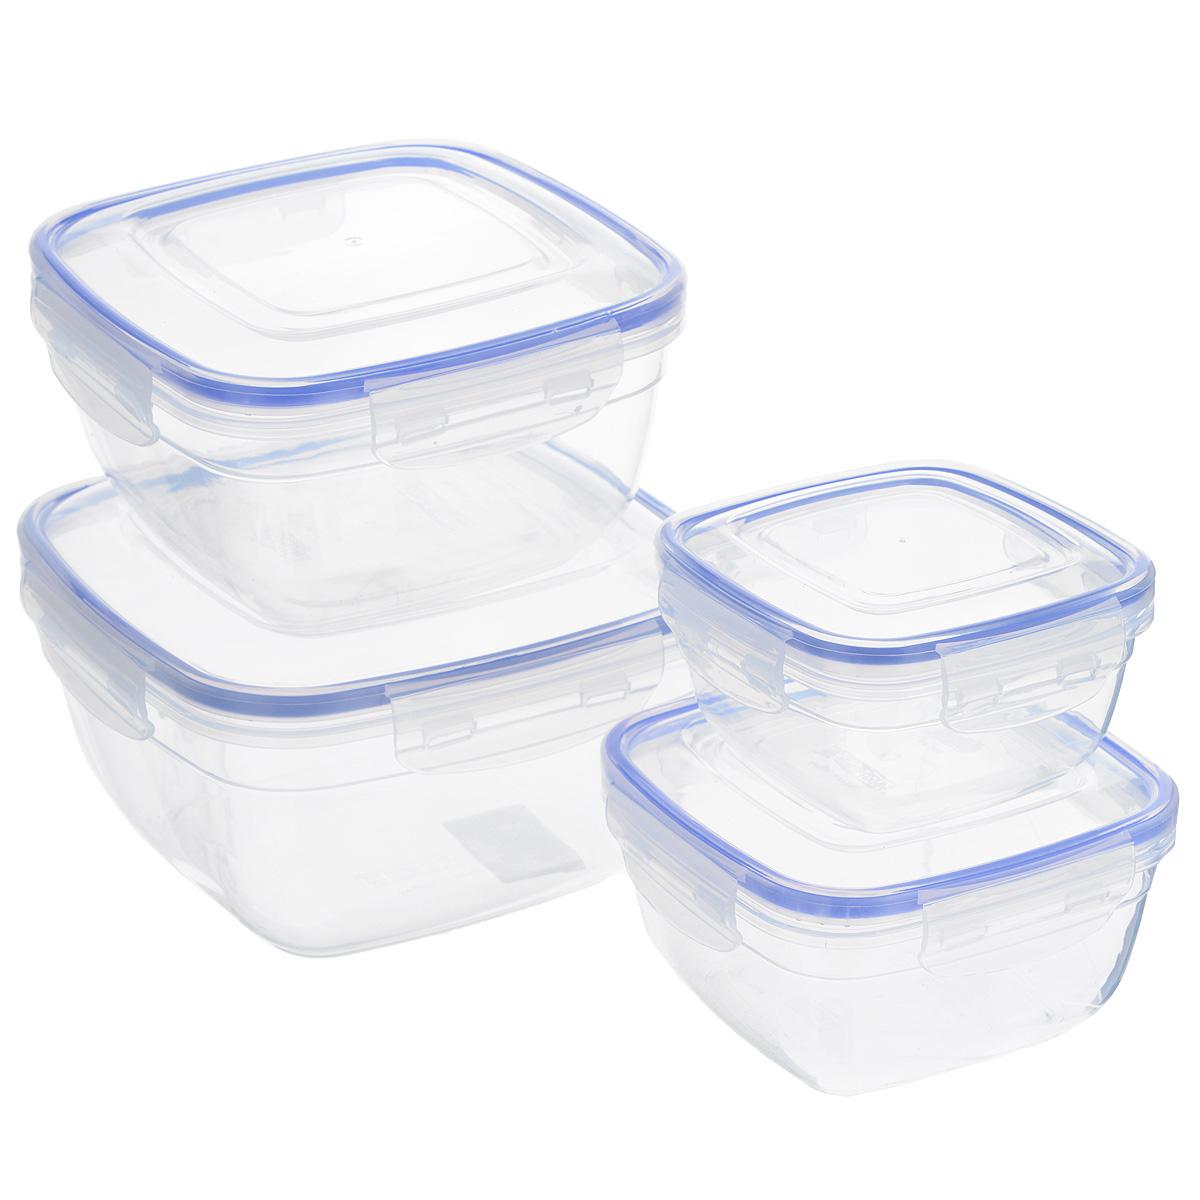 Набор квадратных контейнеров Dunya Plastik, 4 шт. 3014330143Набор Dunya Plastik состоит из четырех квадратных контейнеров разного объема. Изделия выполнены из высококачественного пищевого прозрачного пластика без примеси бисфенола. Такой пластик не содержит вредных веществ и подходит для контакта с пищевыми продуктами. Контейнеры оснащены вакуумными крышками, которые плотно закрываются на 4 защелки, а благодаря силиконовой прослойке обеспечивают герметичность. Контейнеры непроницаемы для воздуха и жидкости. Подходят для хранения и транспортировки пищи. Складываются друг в друга, что экономит пространство при хранении в шкафу. Подходят для использования в микроволновой печи без крышки (до +95°С), для заморозки при минимальной температуре -25°С. Можно мыть в посудомоечной машине. Объем контейнеров: 500 мл; 900 мл; 1500 мл; 2400 мл. Размер контейнеров: 12,3 см х 12,3 см х 6,5 см; 14,7 см х 14,7 см х 8 см; 17 см х 17 см х 9,5 см; 19,5 см х 19,5 см х 11 см.